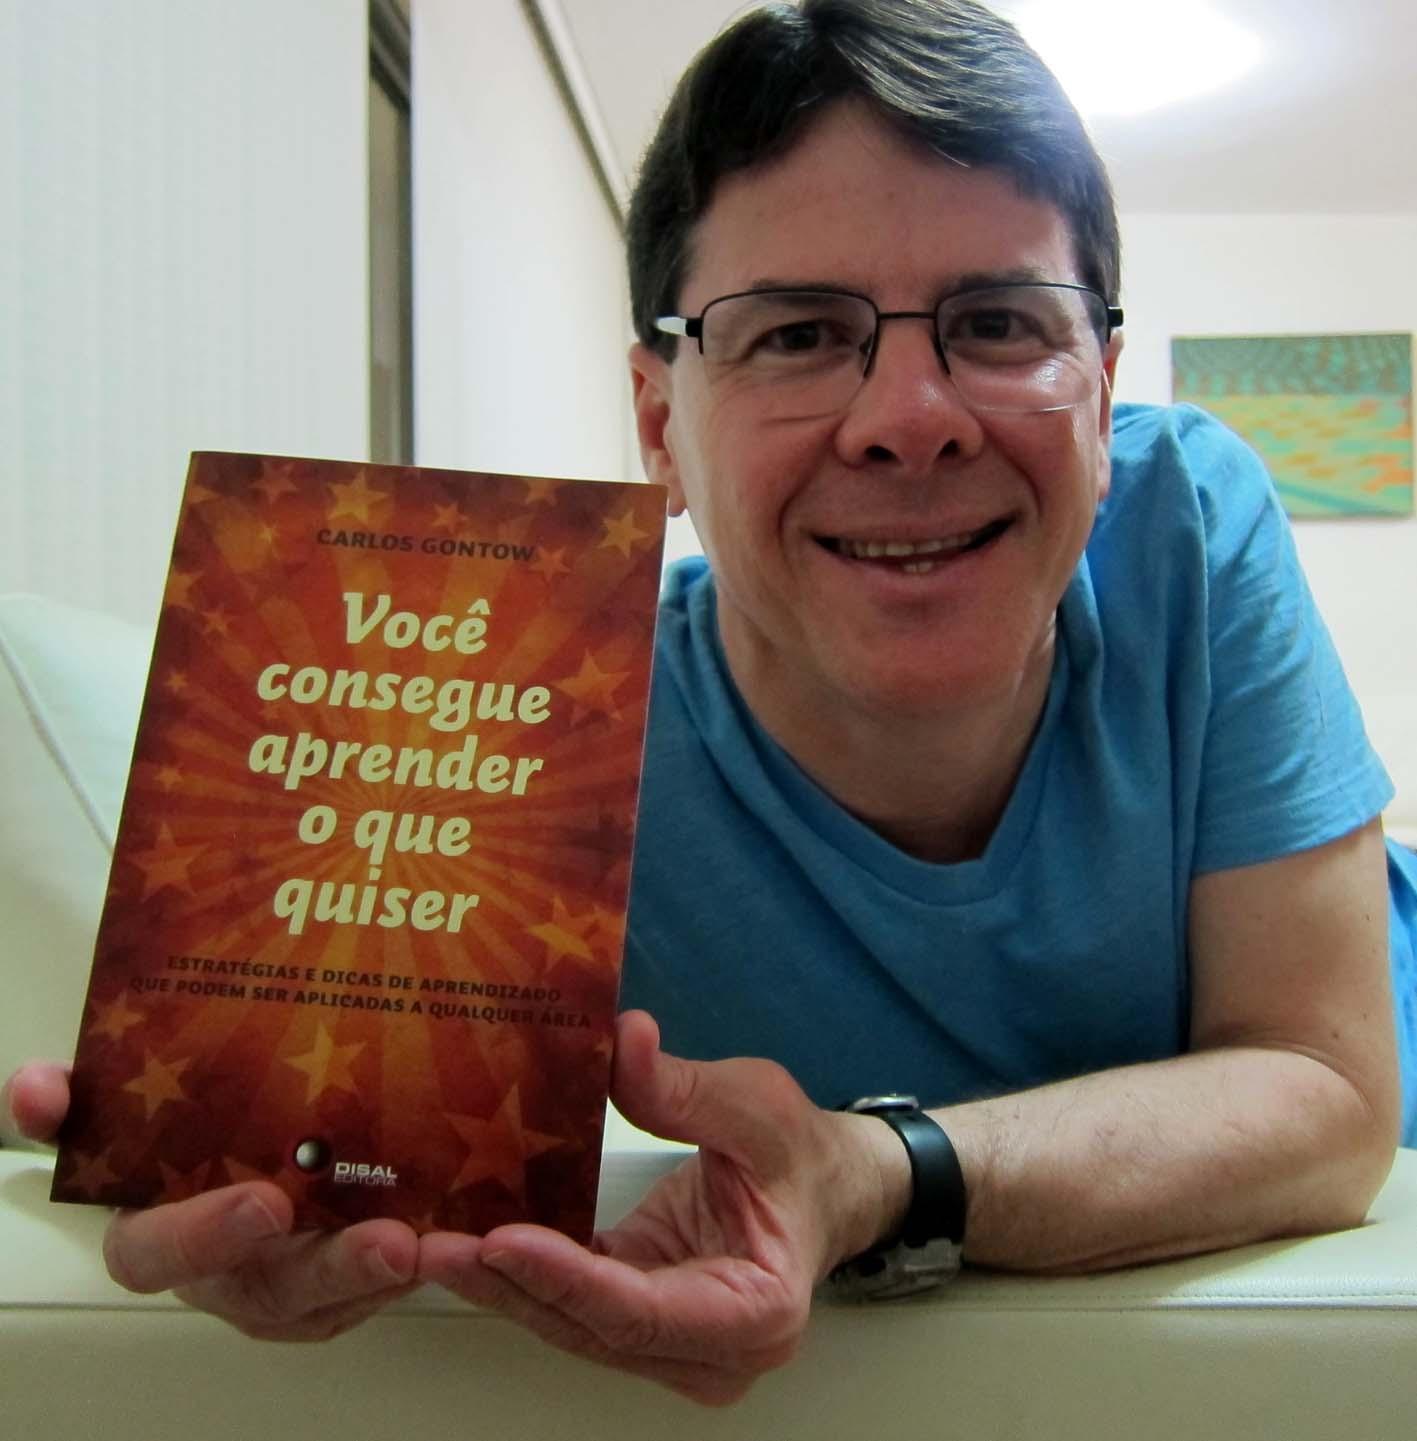 Carlos Gontow com seu novo livro